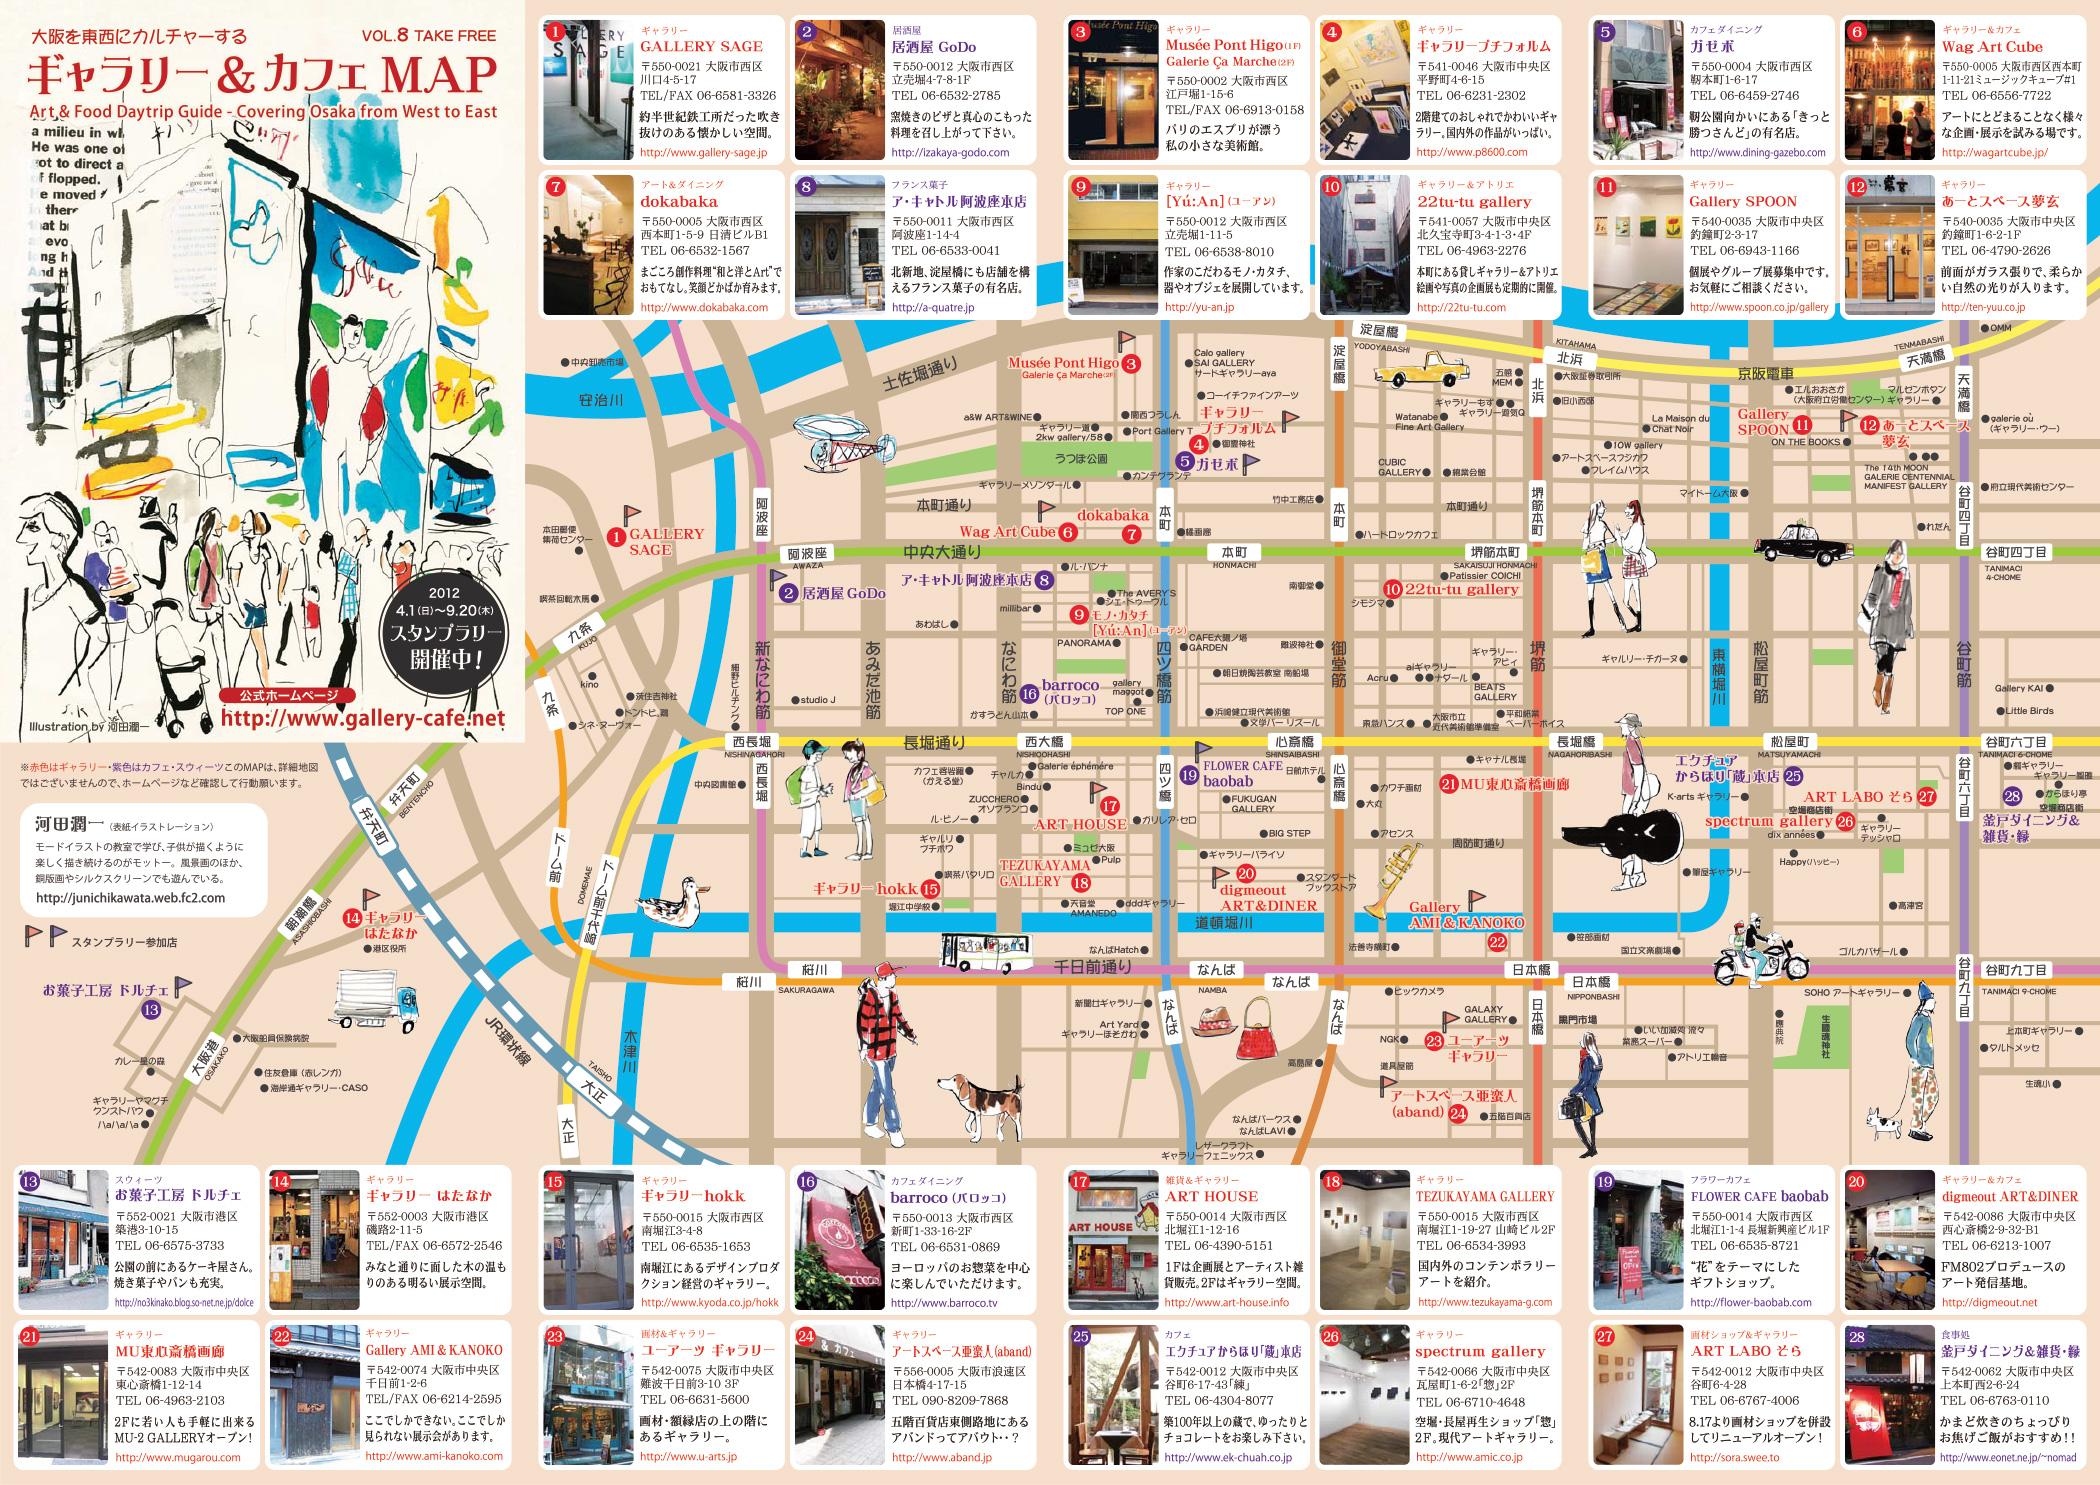 ギャラリー&カフェMAP vol.8 大阪を東西にカルチャーする